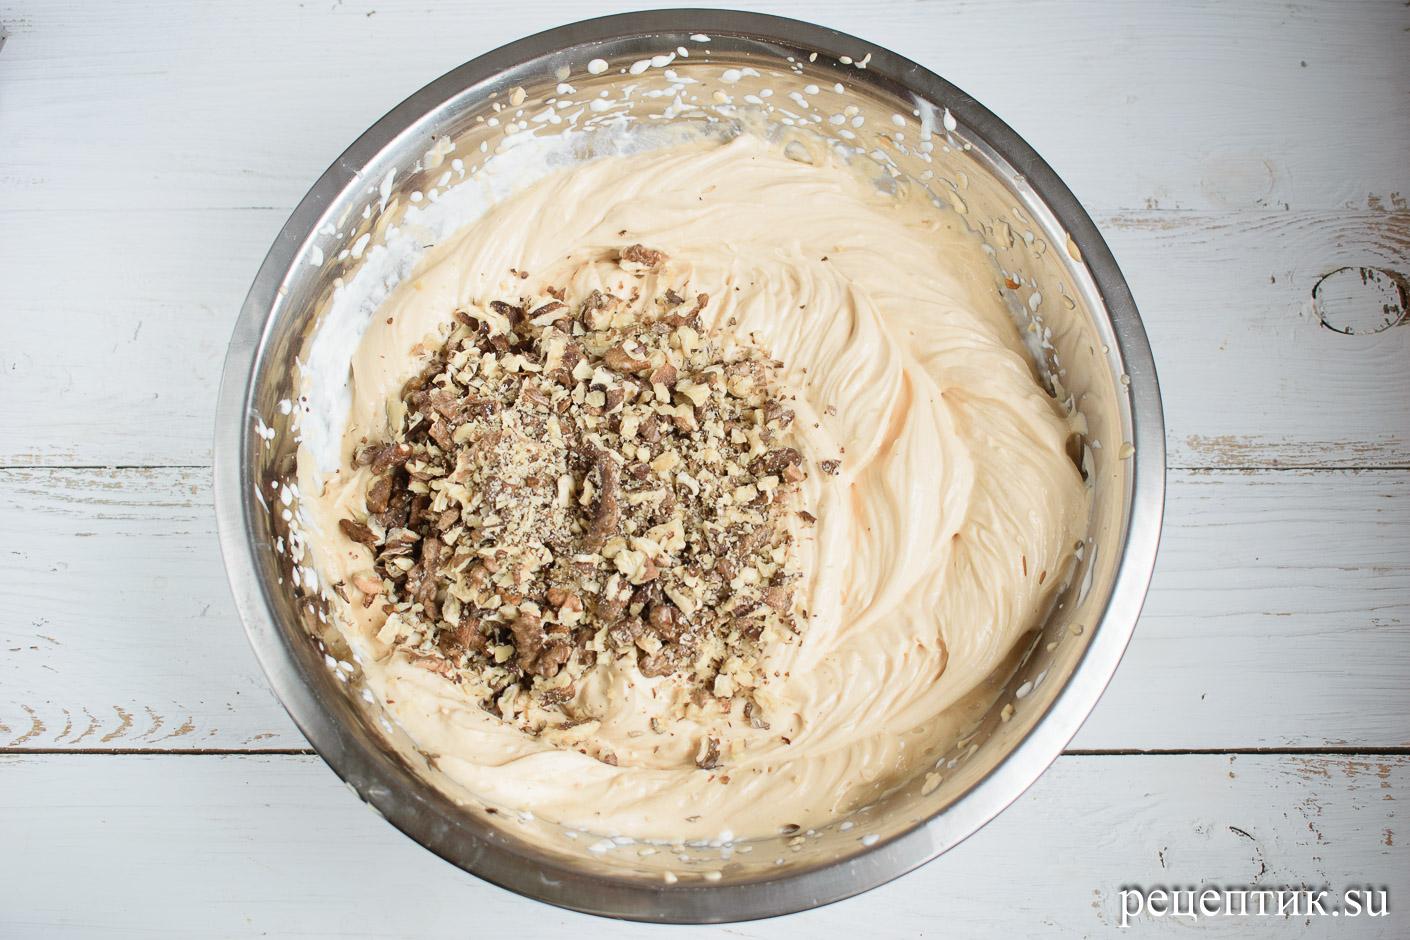 Карамельно-ореховый наполеон со сметанным кремом - рецепт с фото, шаг 21